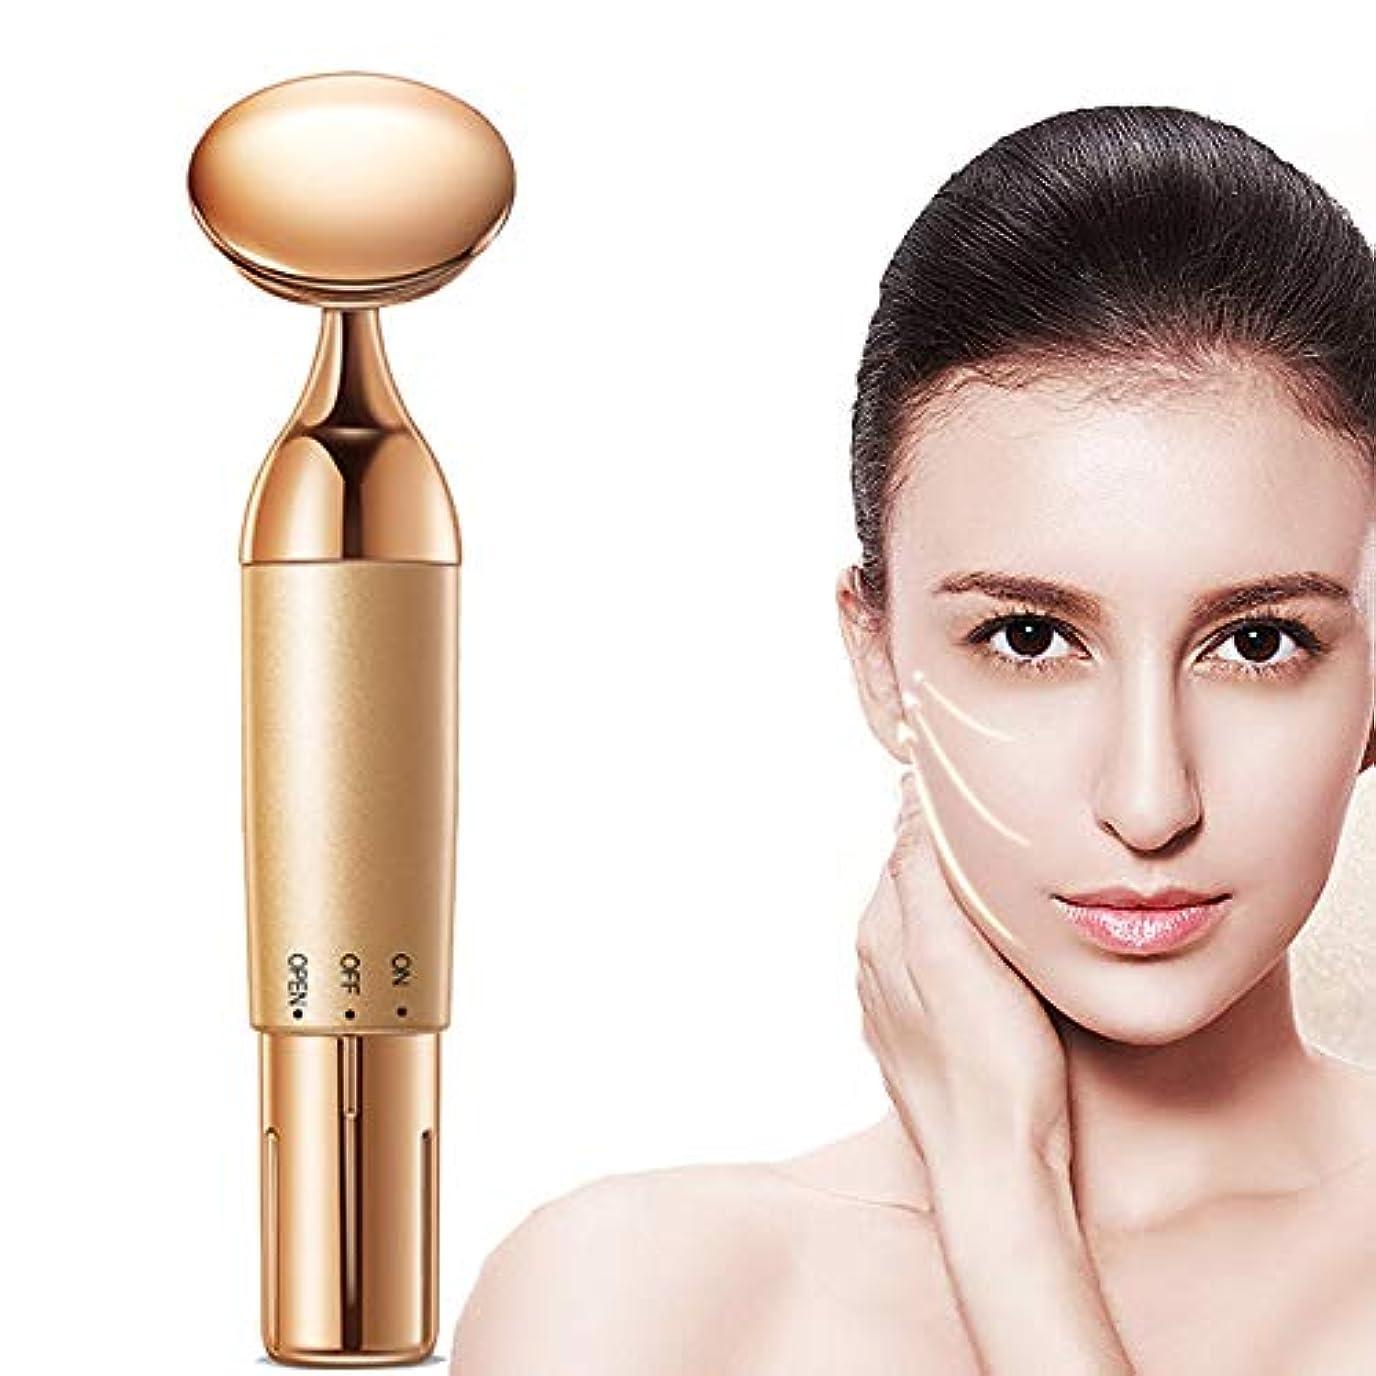 多様なパレード縮れたRF lifting device Facial beauty massager facial lifting firming wrinkle removal eye bags roller